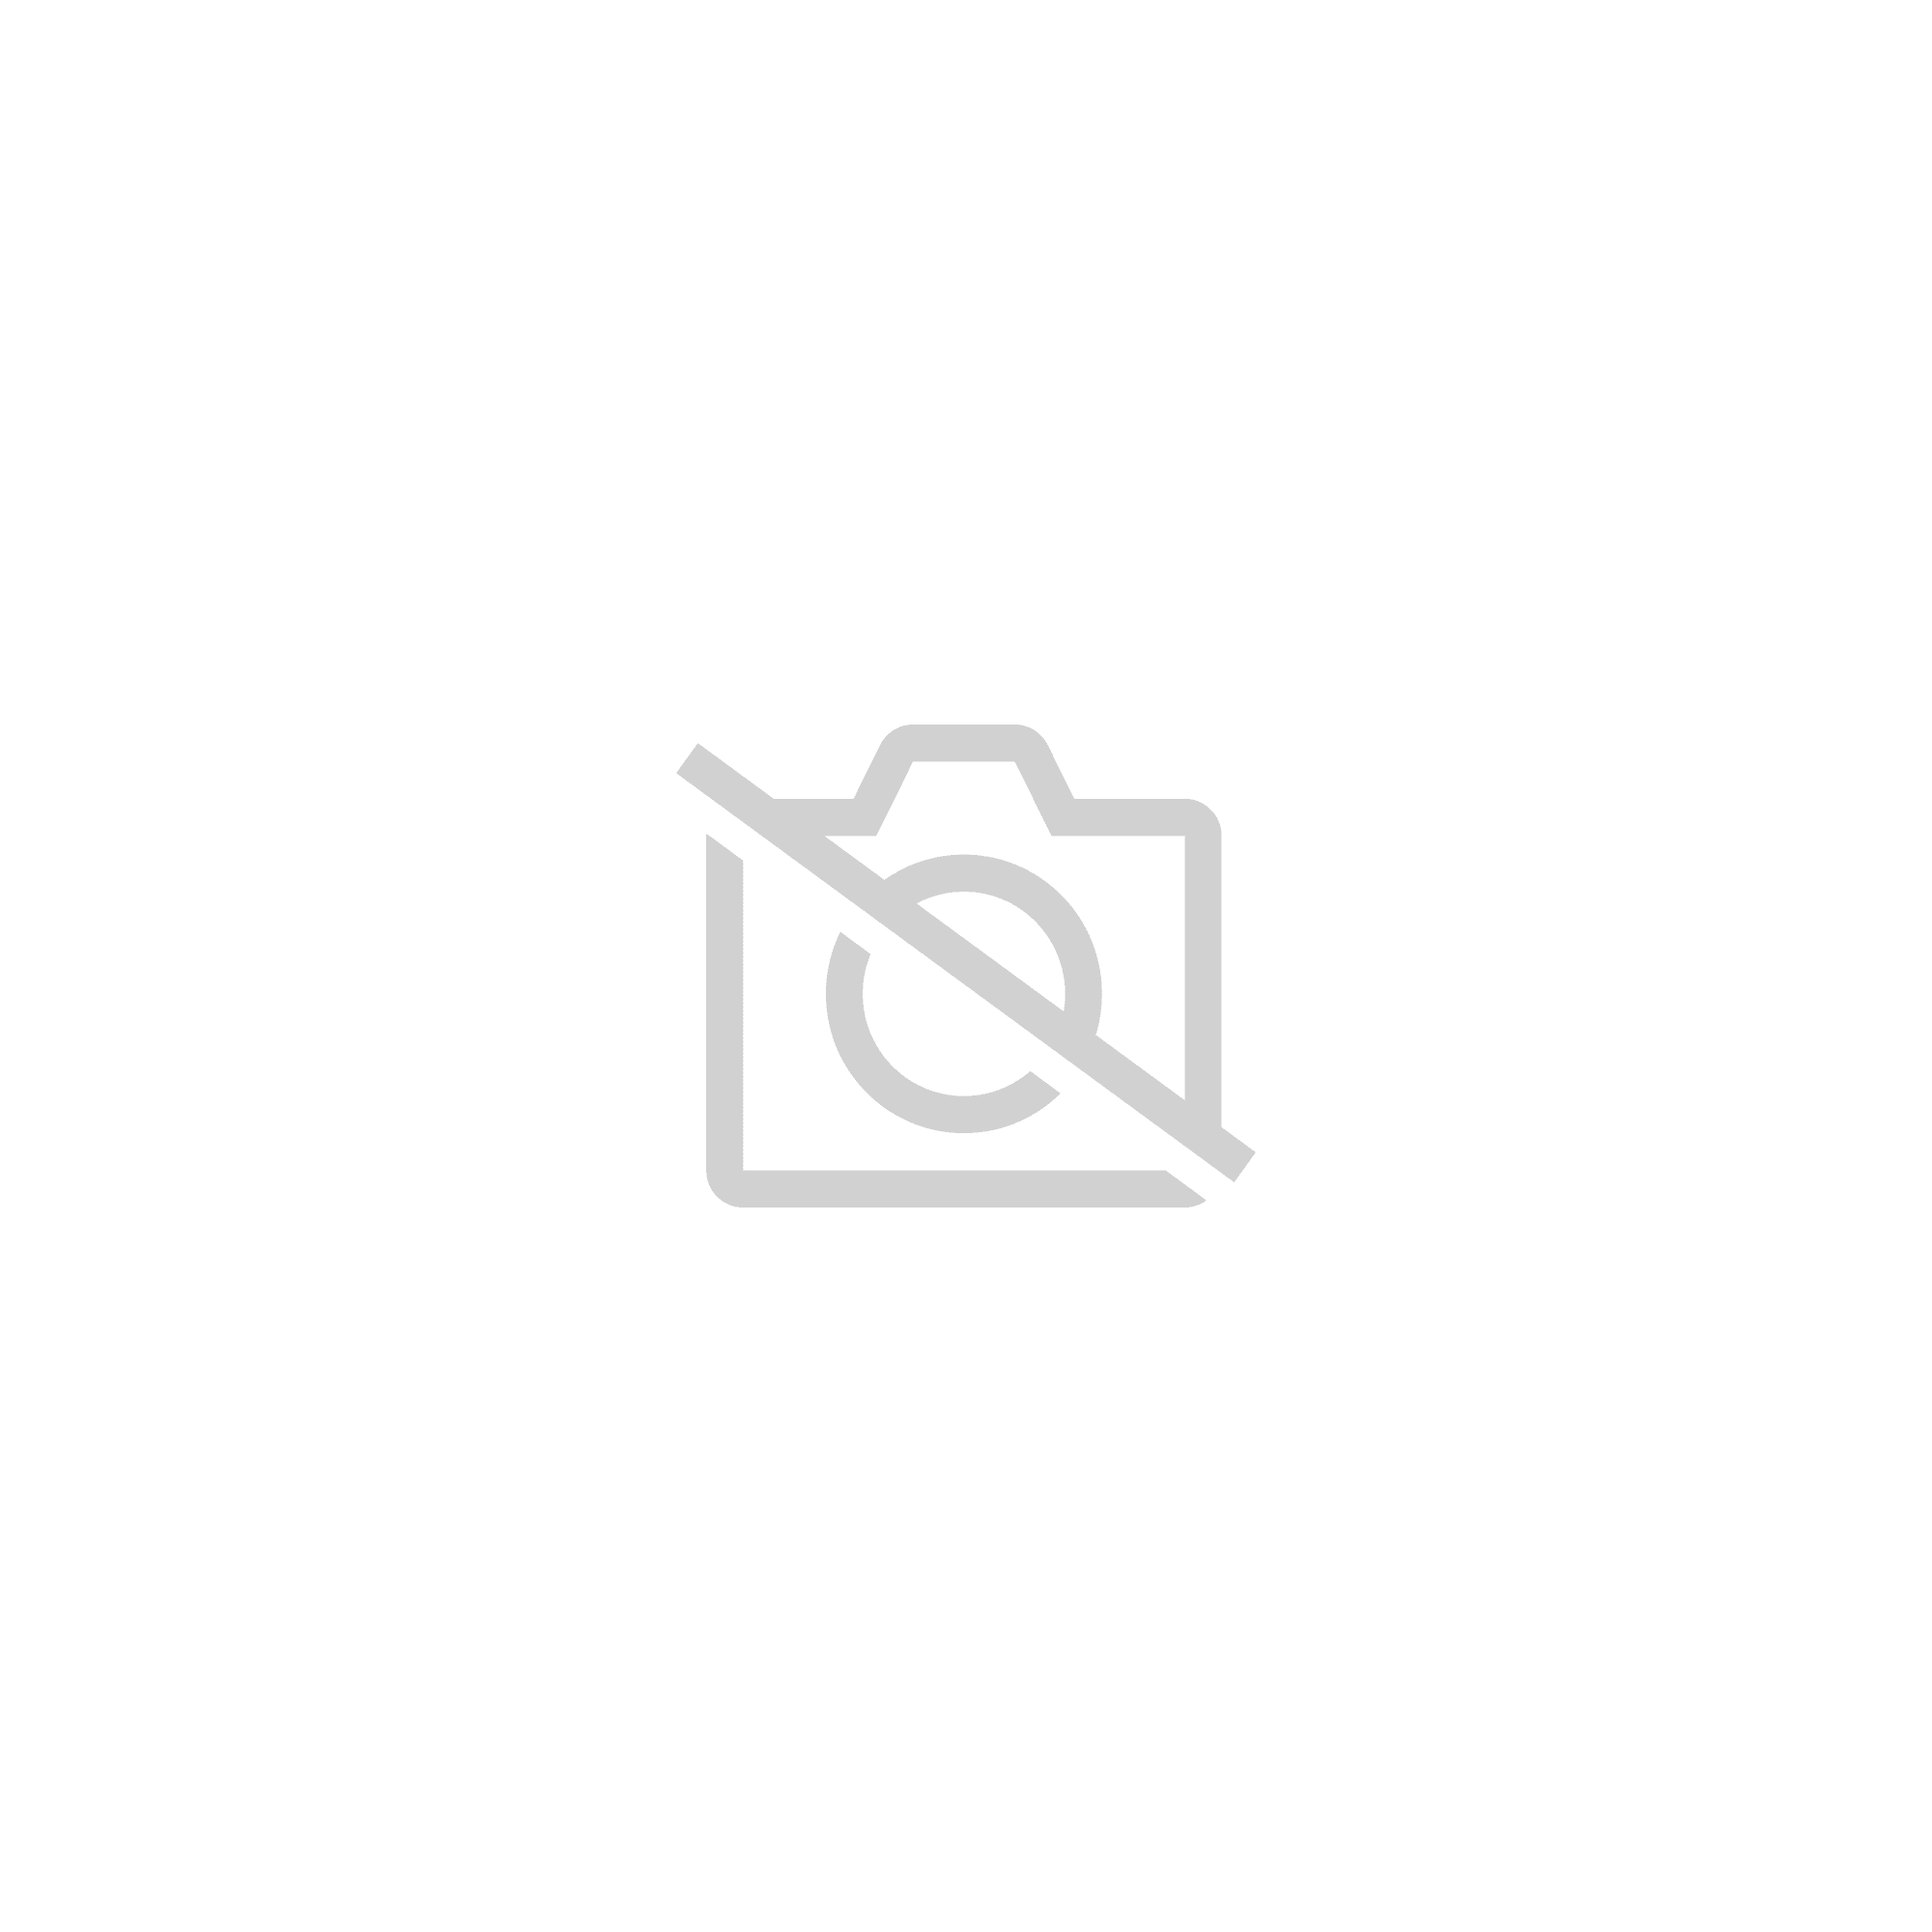 Superga 792 Pluie Bottes Neuf Chaussures Femme Nombreuses Tailles